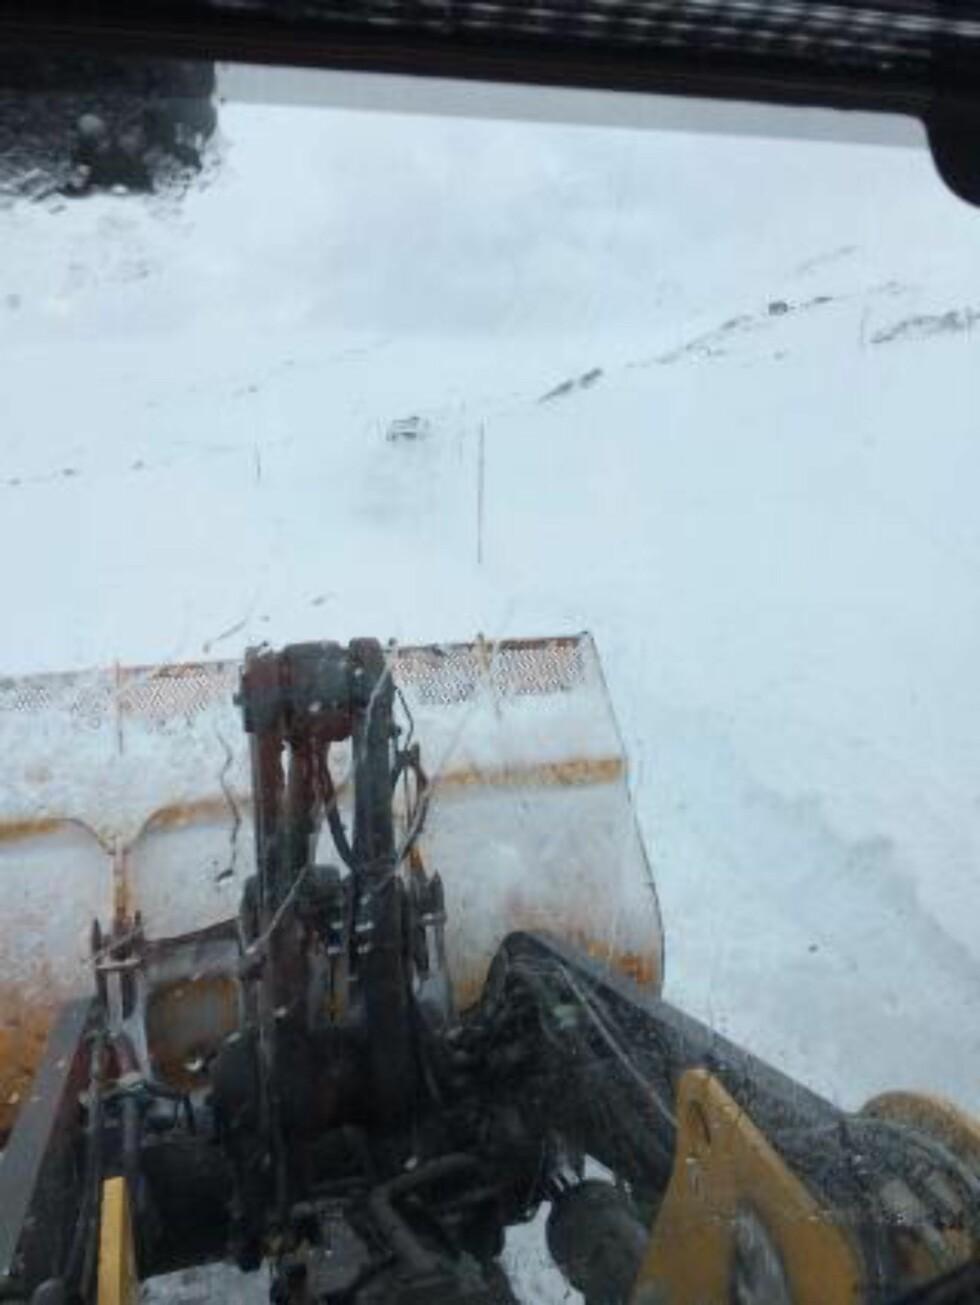 REDNINGSAKSJON: Slik så det ut inne fra hjullasteren, som Bjørnar Sandvig satt på med for å bistå innesnødde bilister på Sognefjellet i går. Foto Skilandslaget